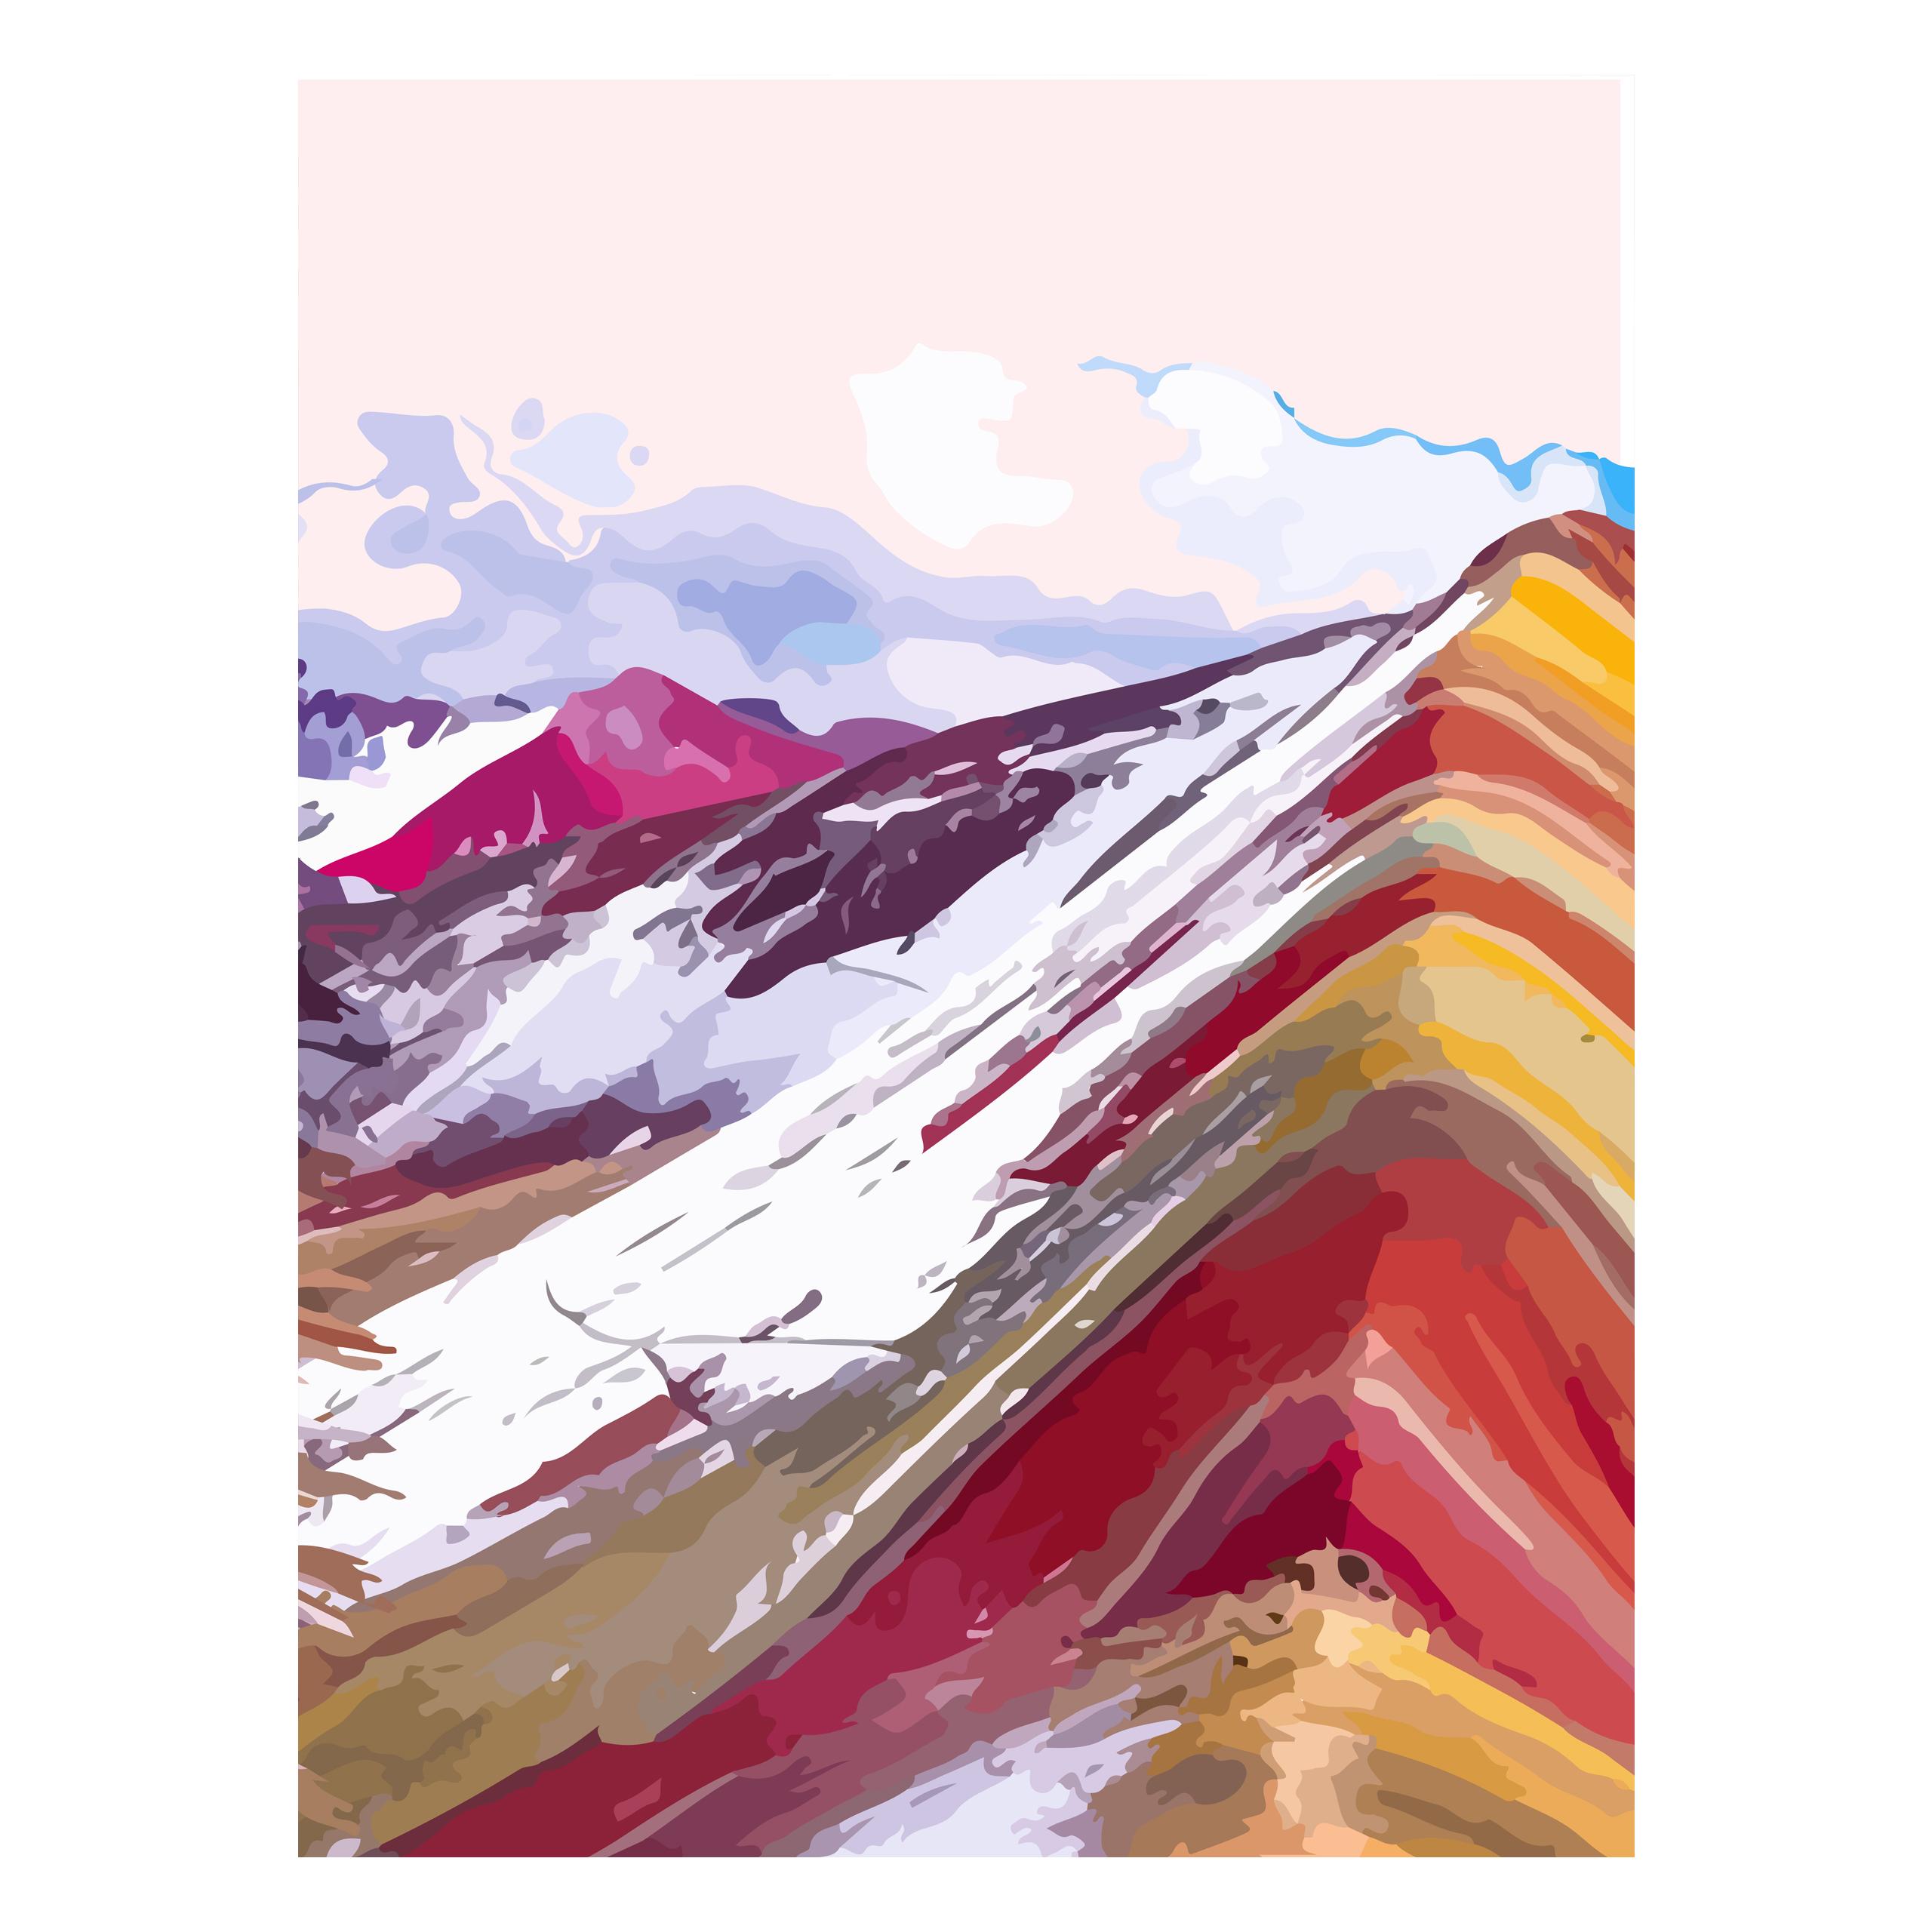 MOUNTAIN Strokes 3_fullsize